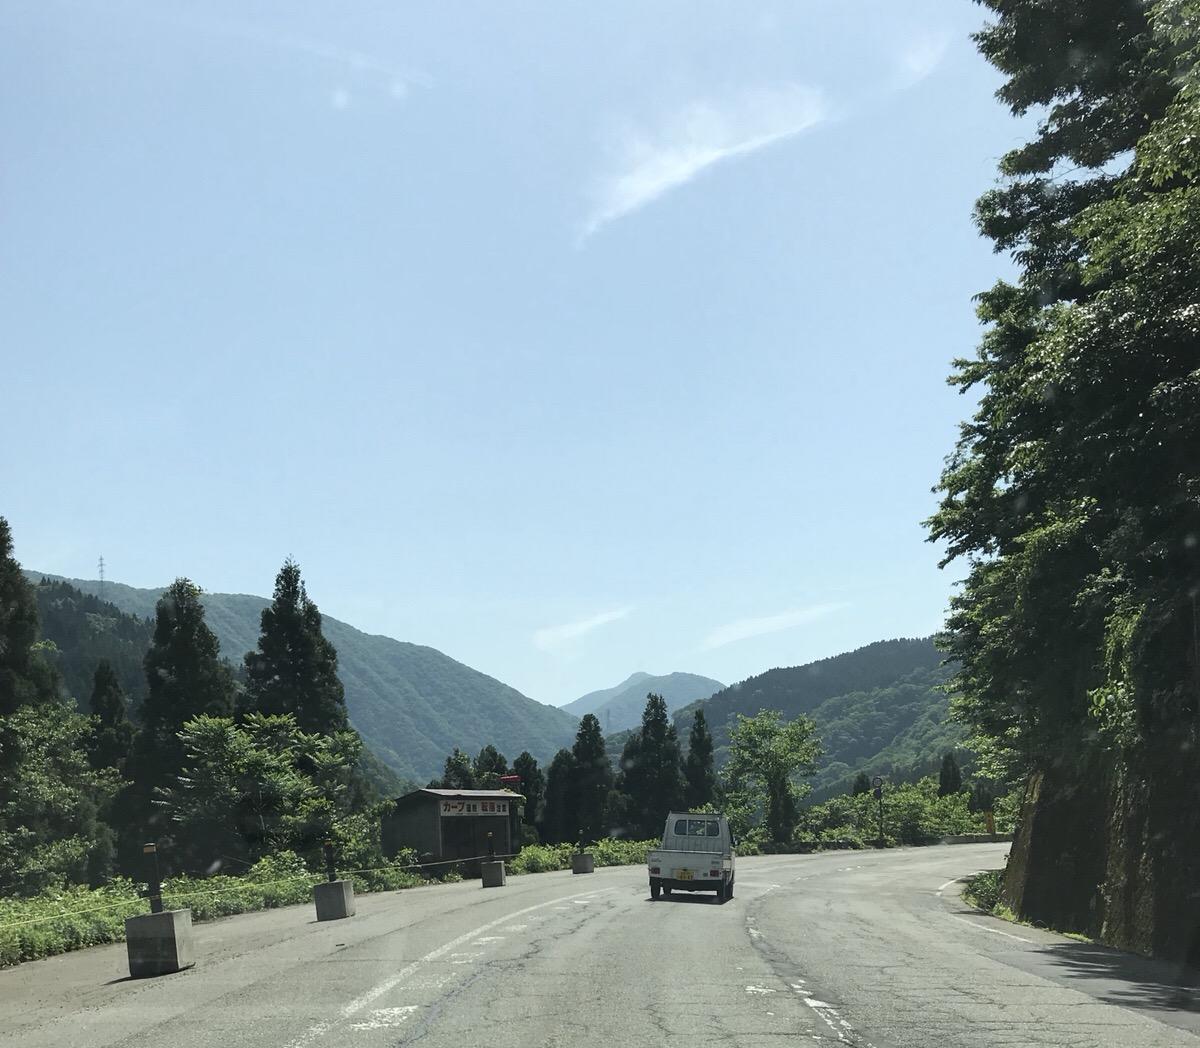 九頭竜湖駅/九頭竜 道の駅